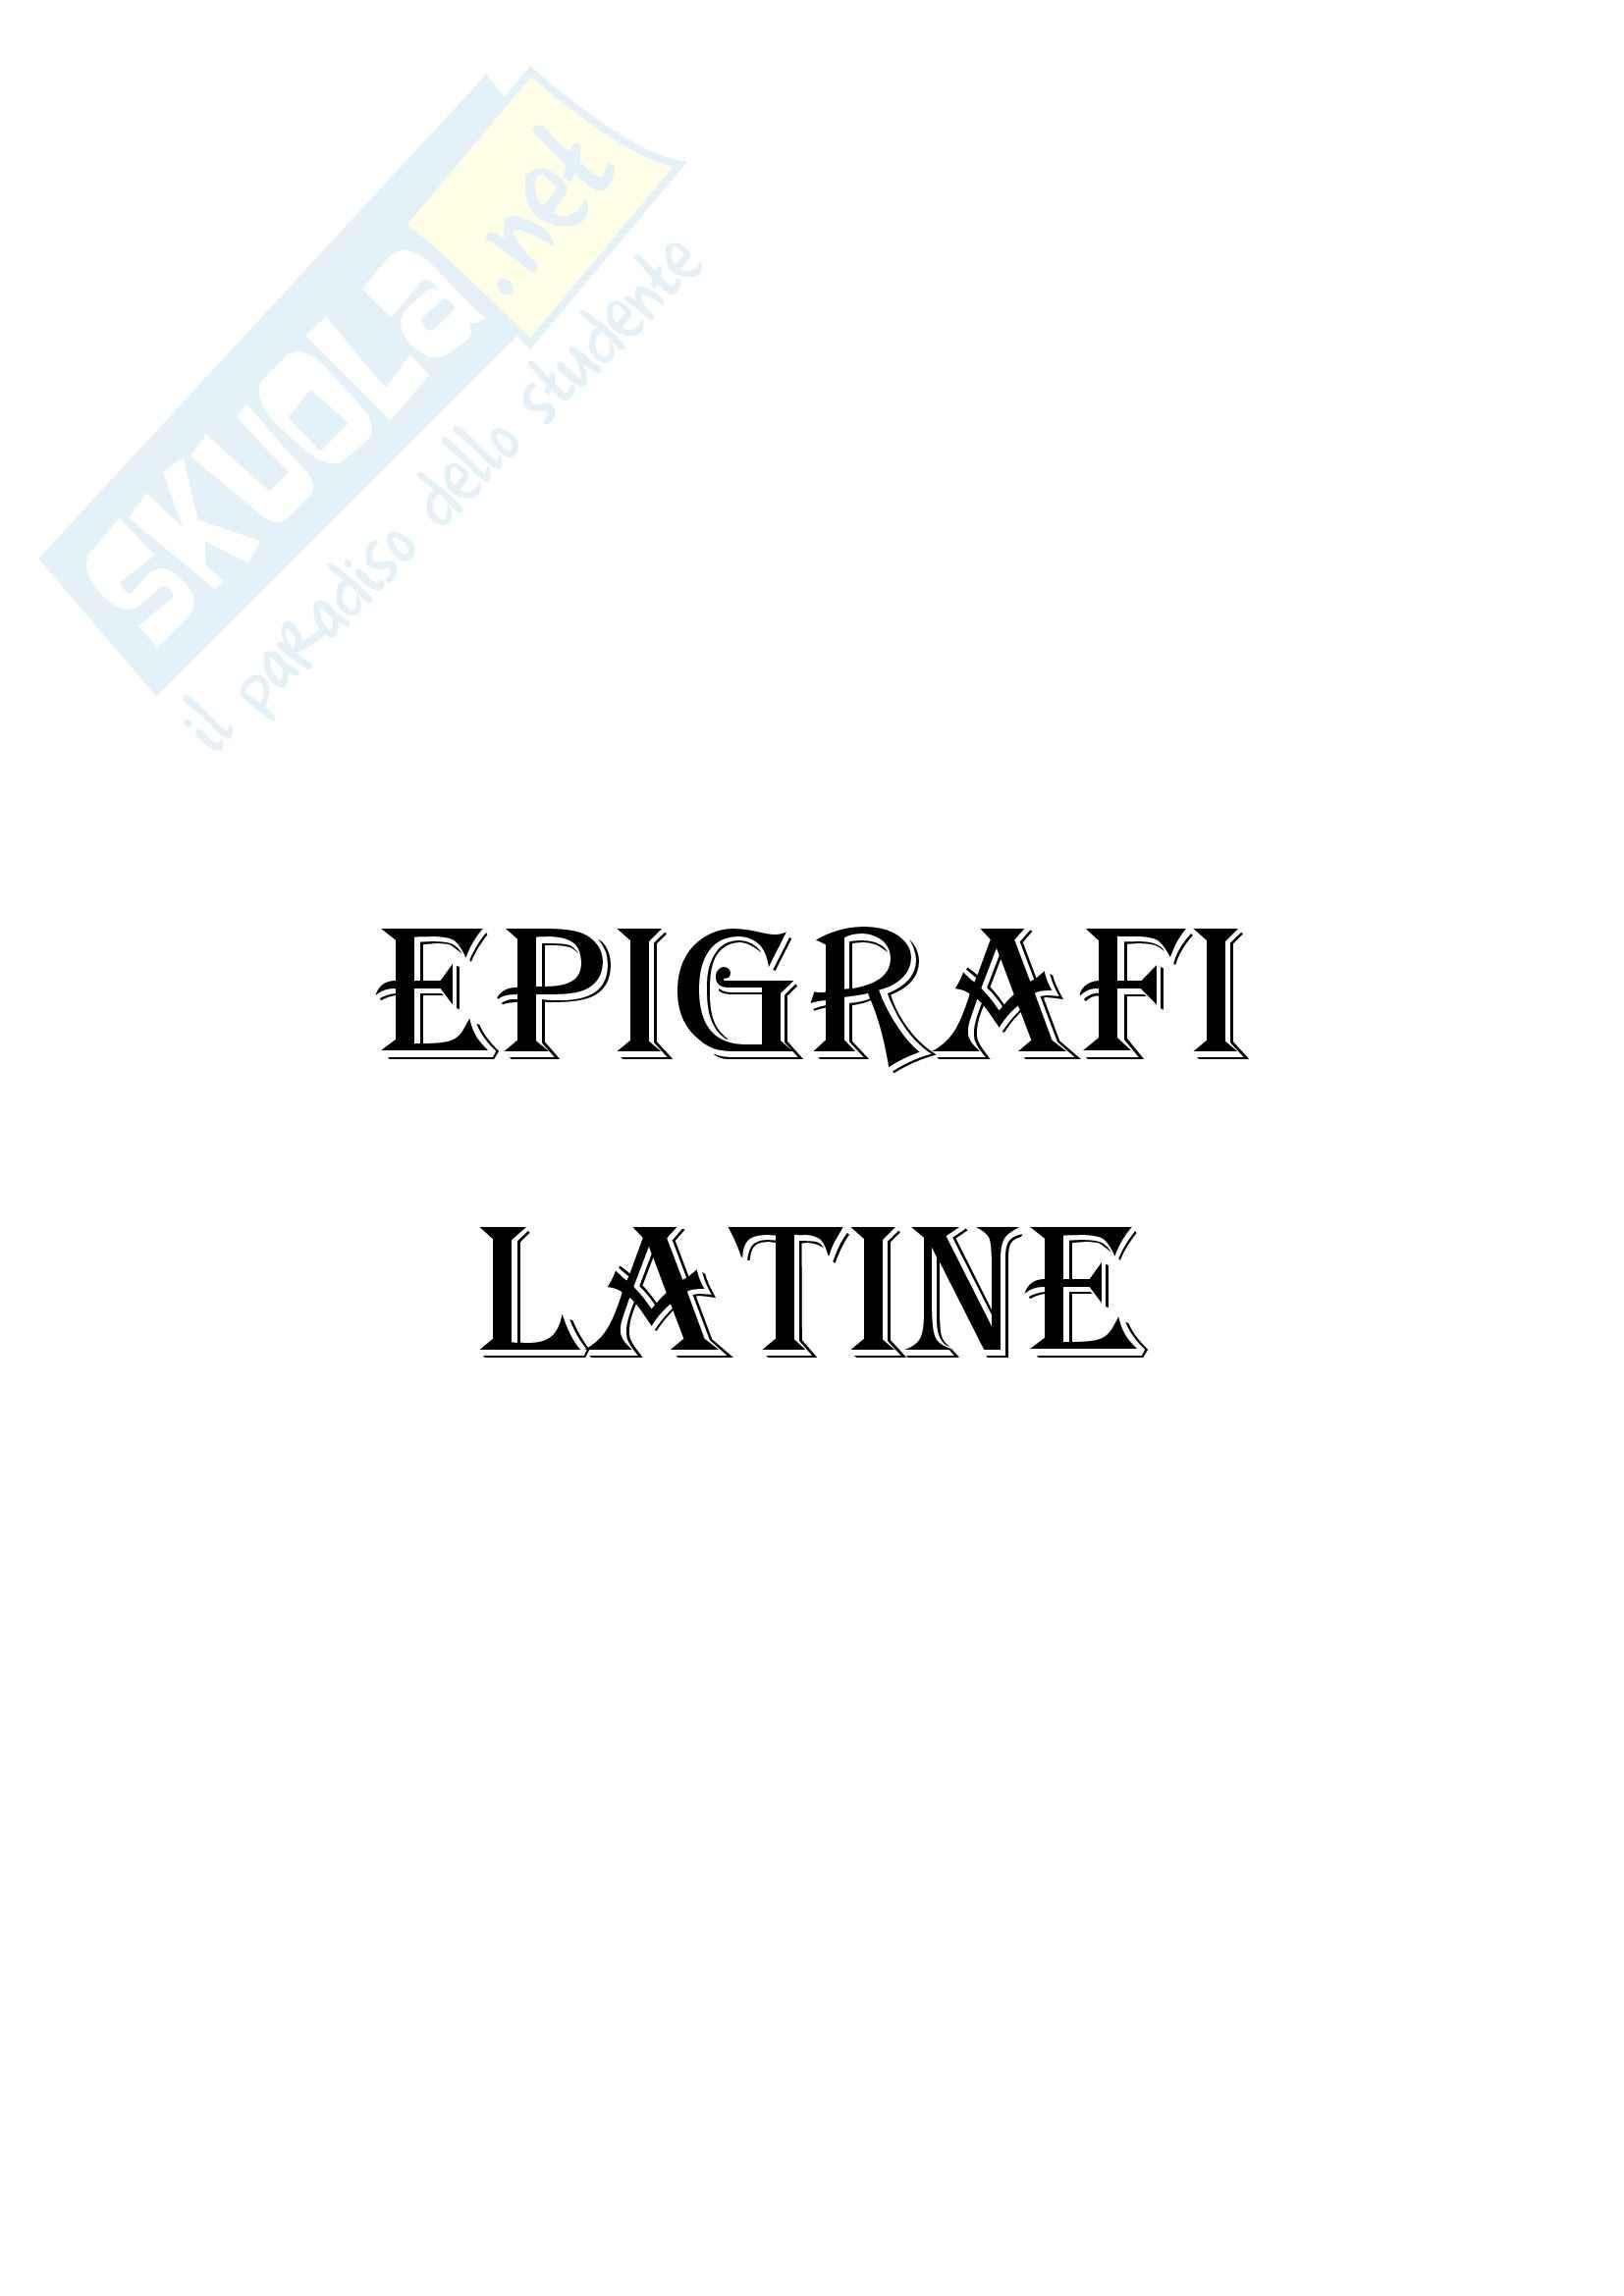 Storia romana - Epigrafi latine